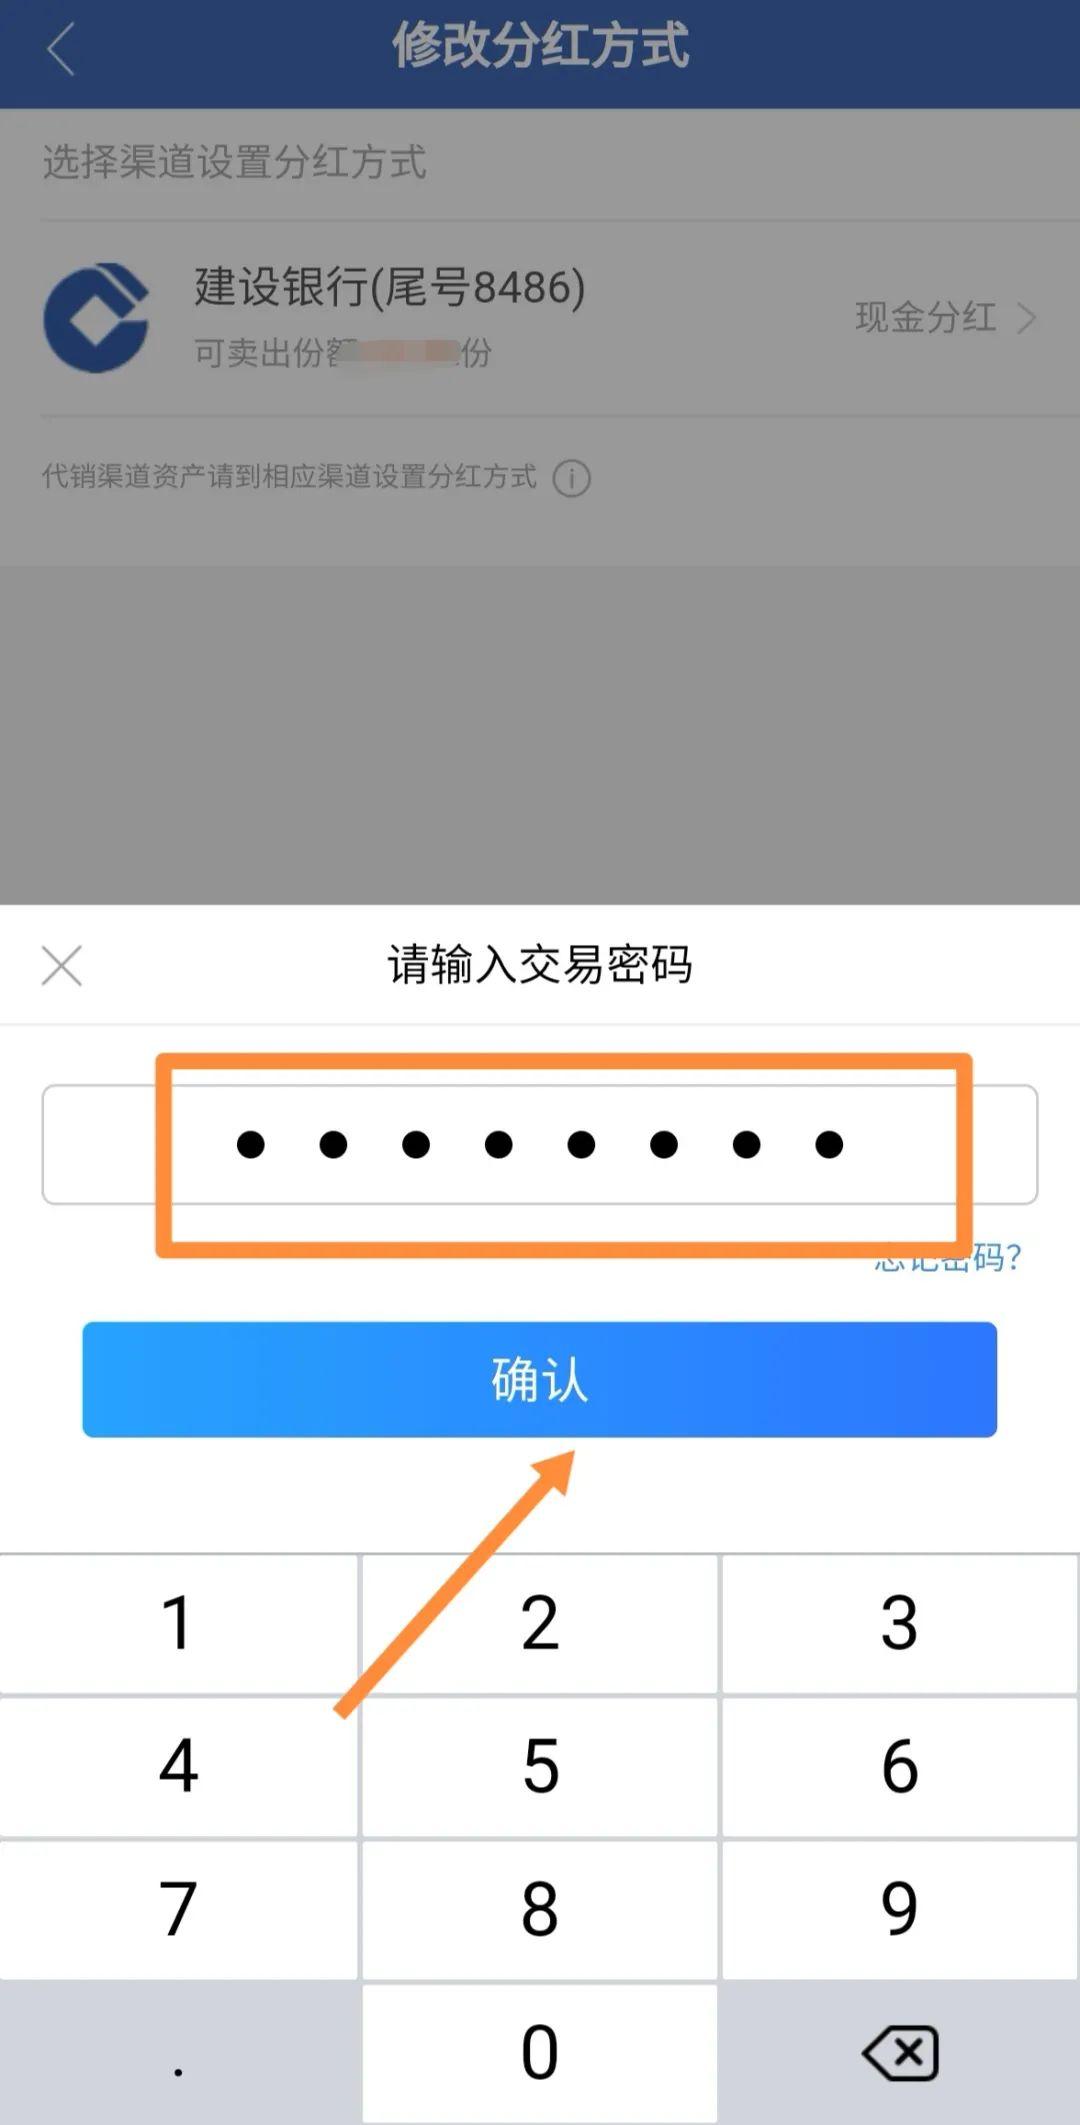 【前海开源】APP修改分红方式操作指引